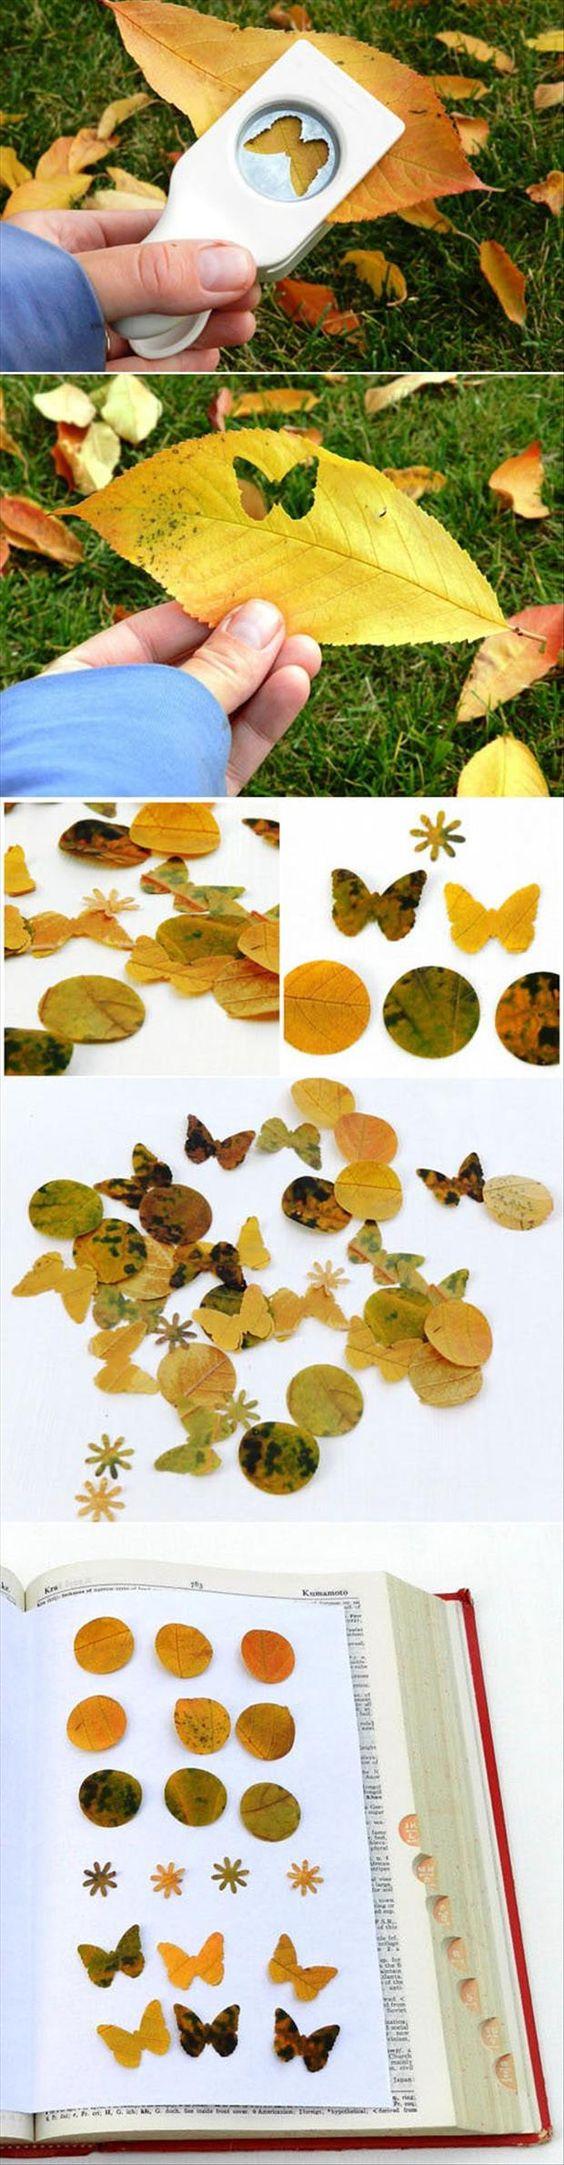 Autumn activity: